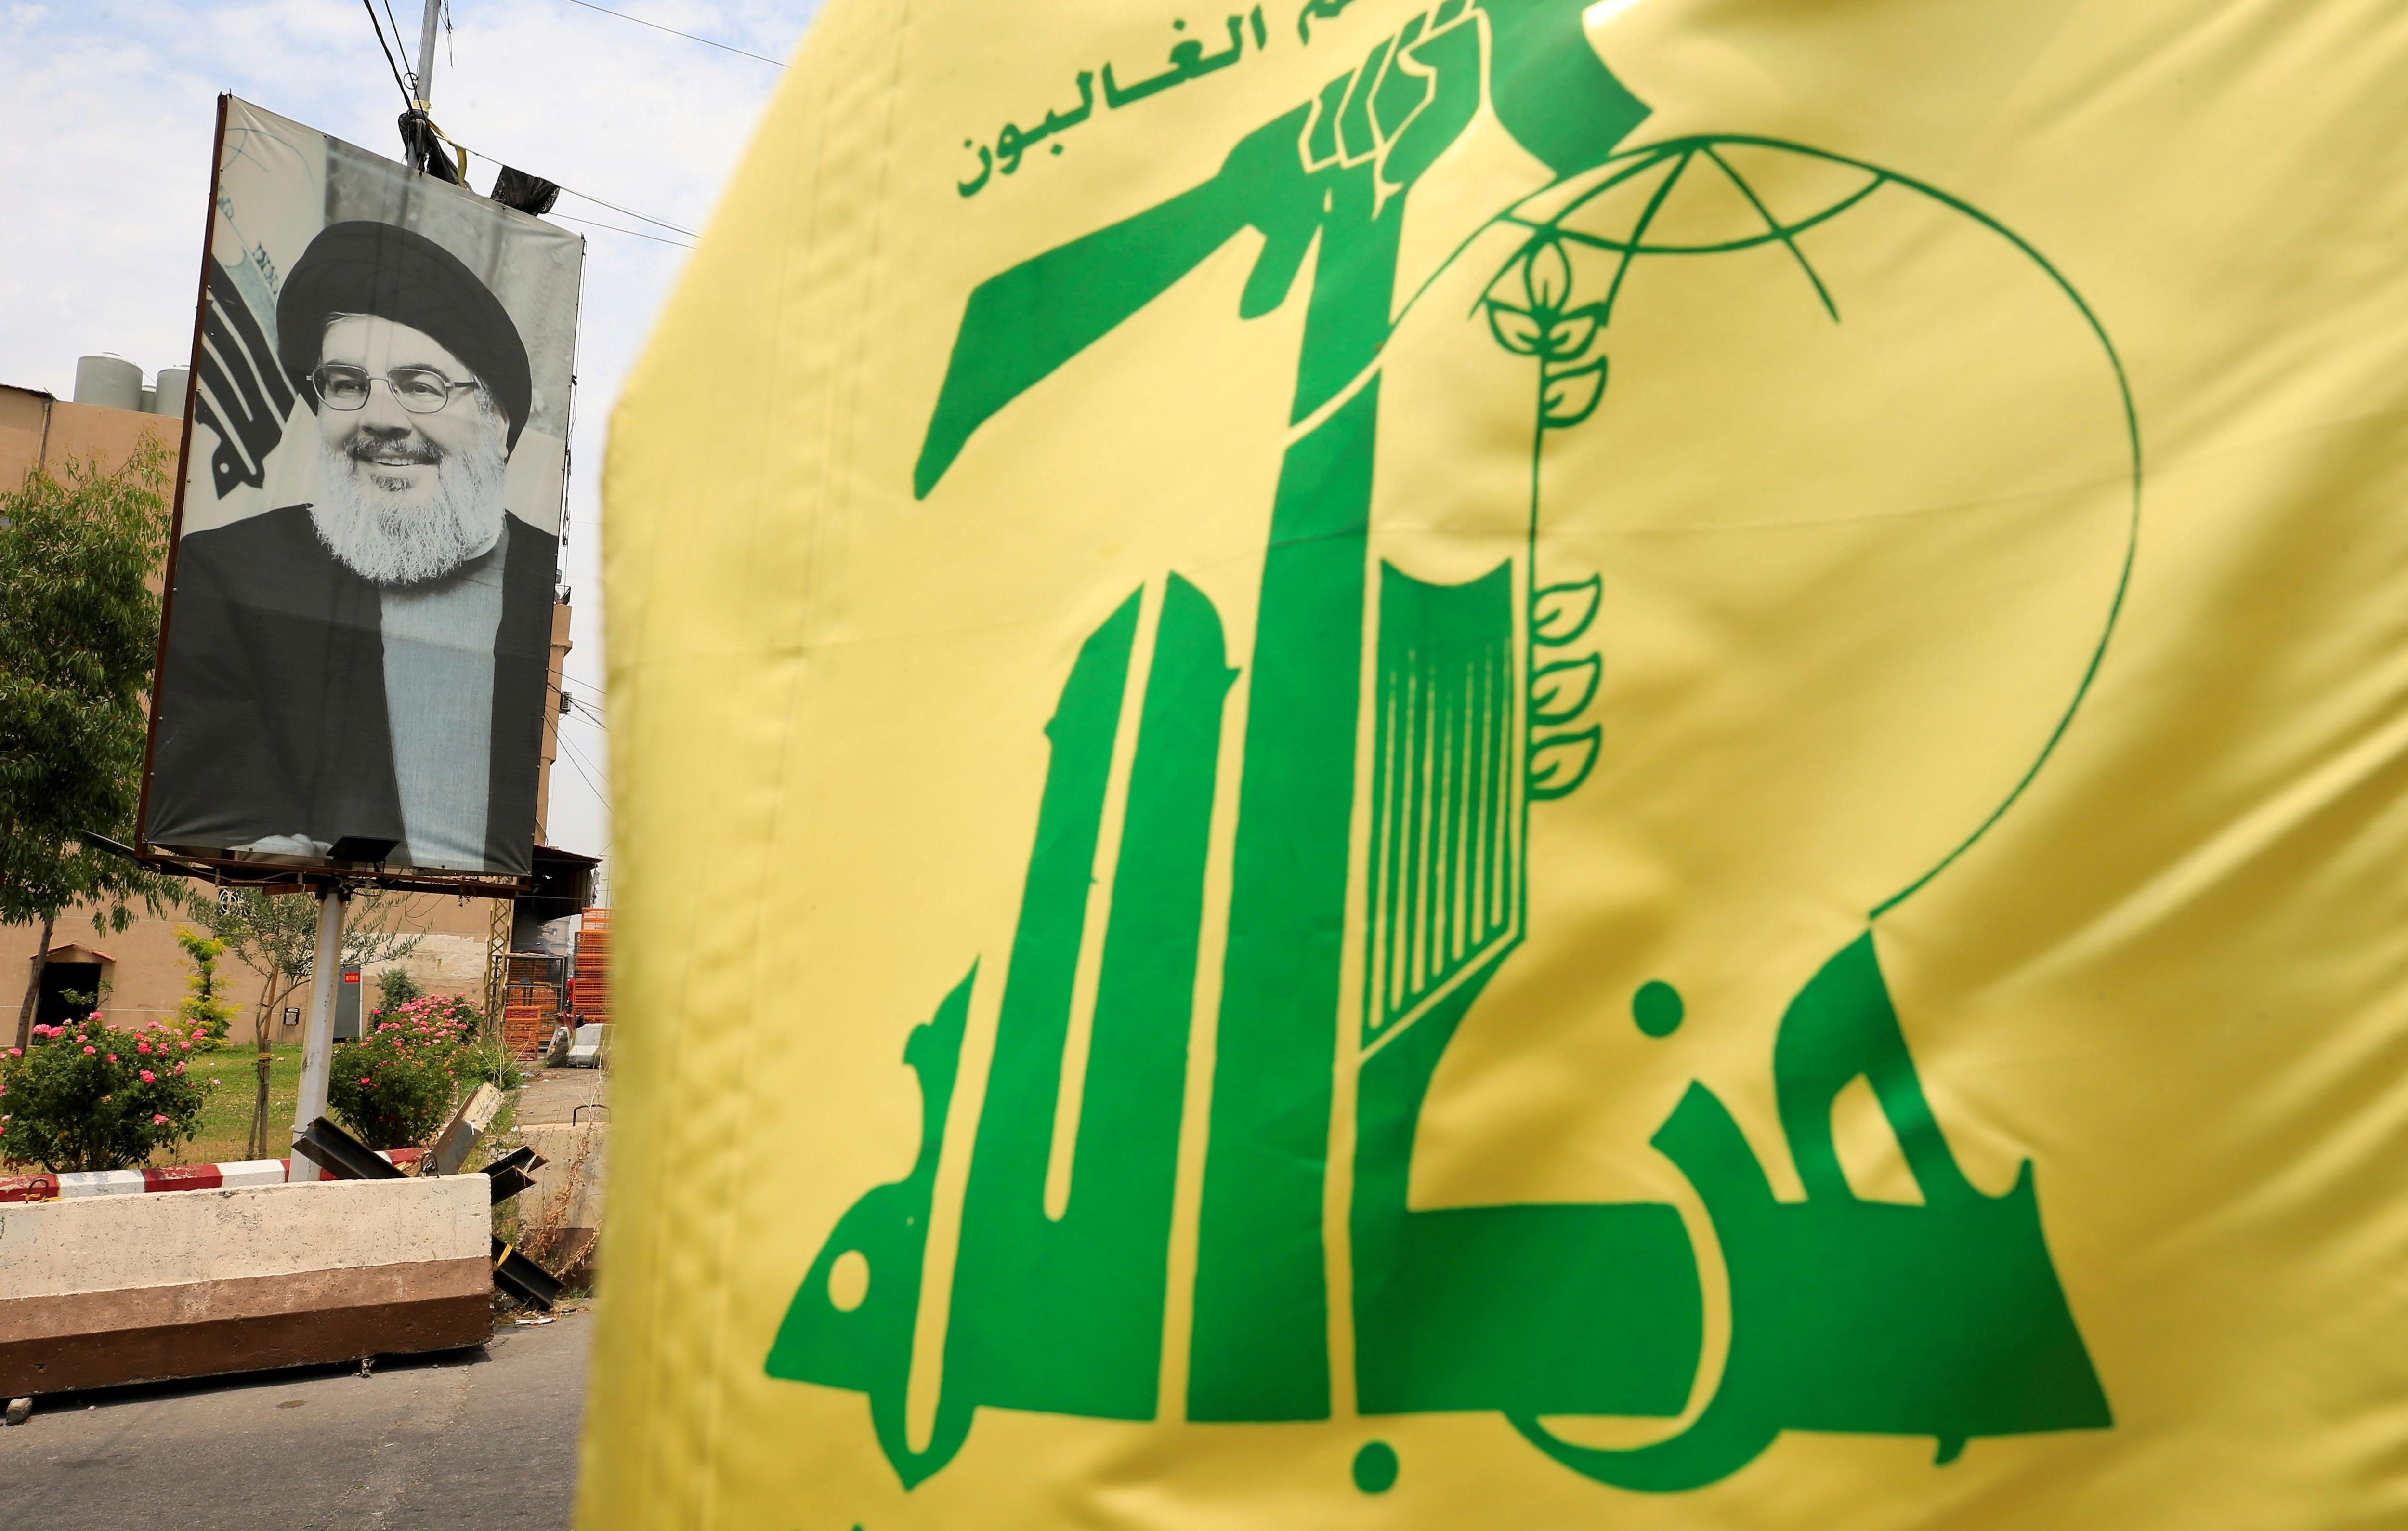 EEUU aplicó nuevas sanciones para contrarrestar la influencia de los terroristas de Hezbollah (Foto: REUTERS/Ali Hashisho)